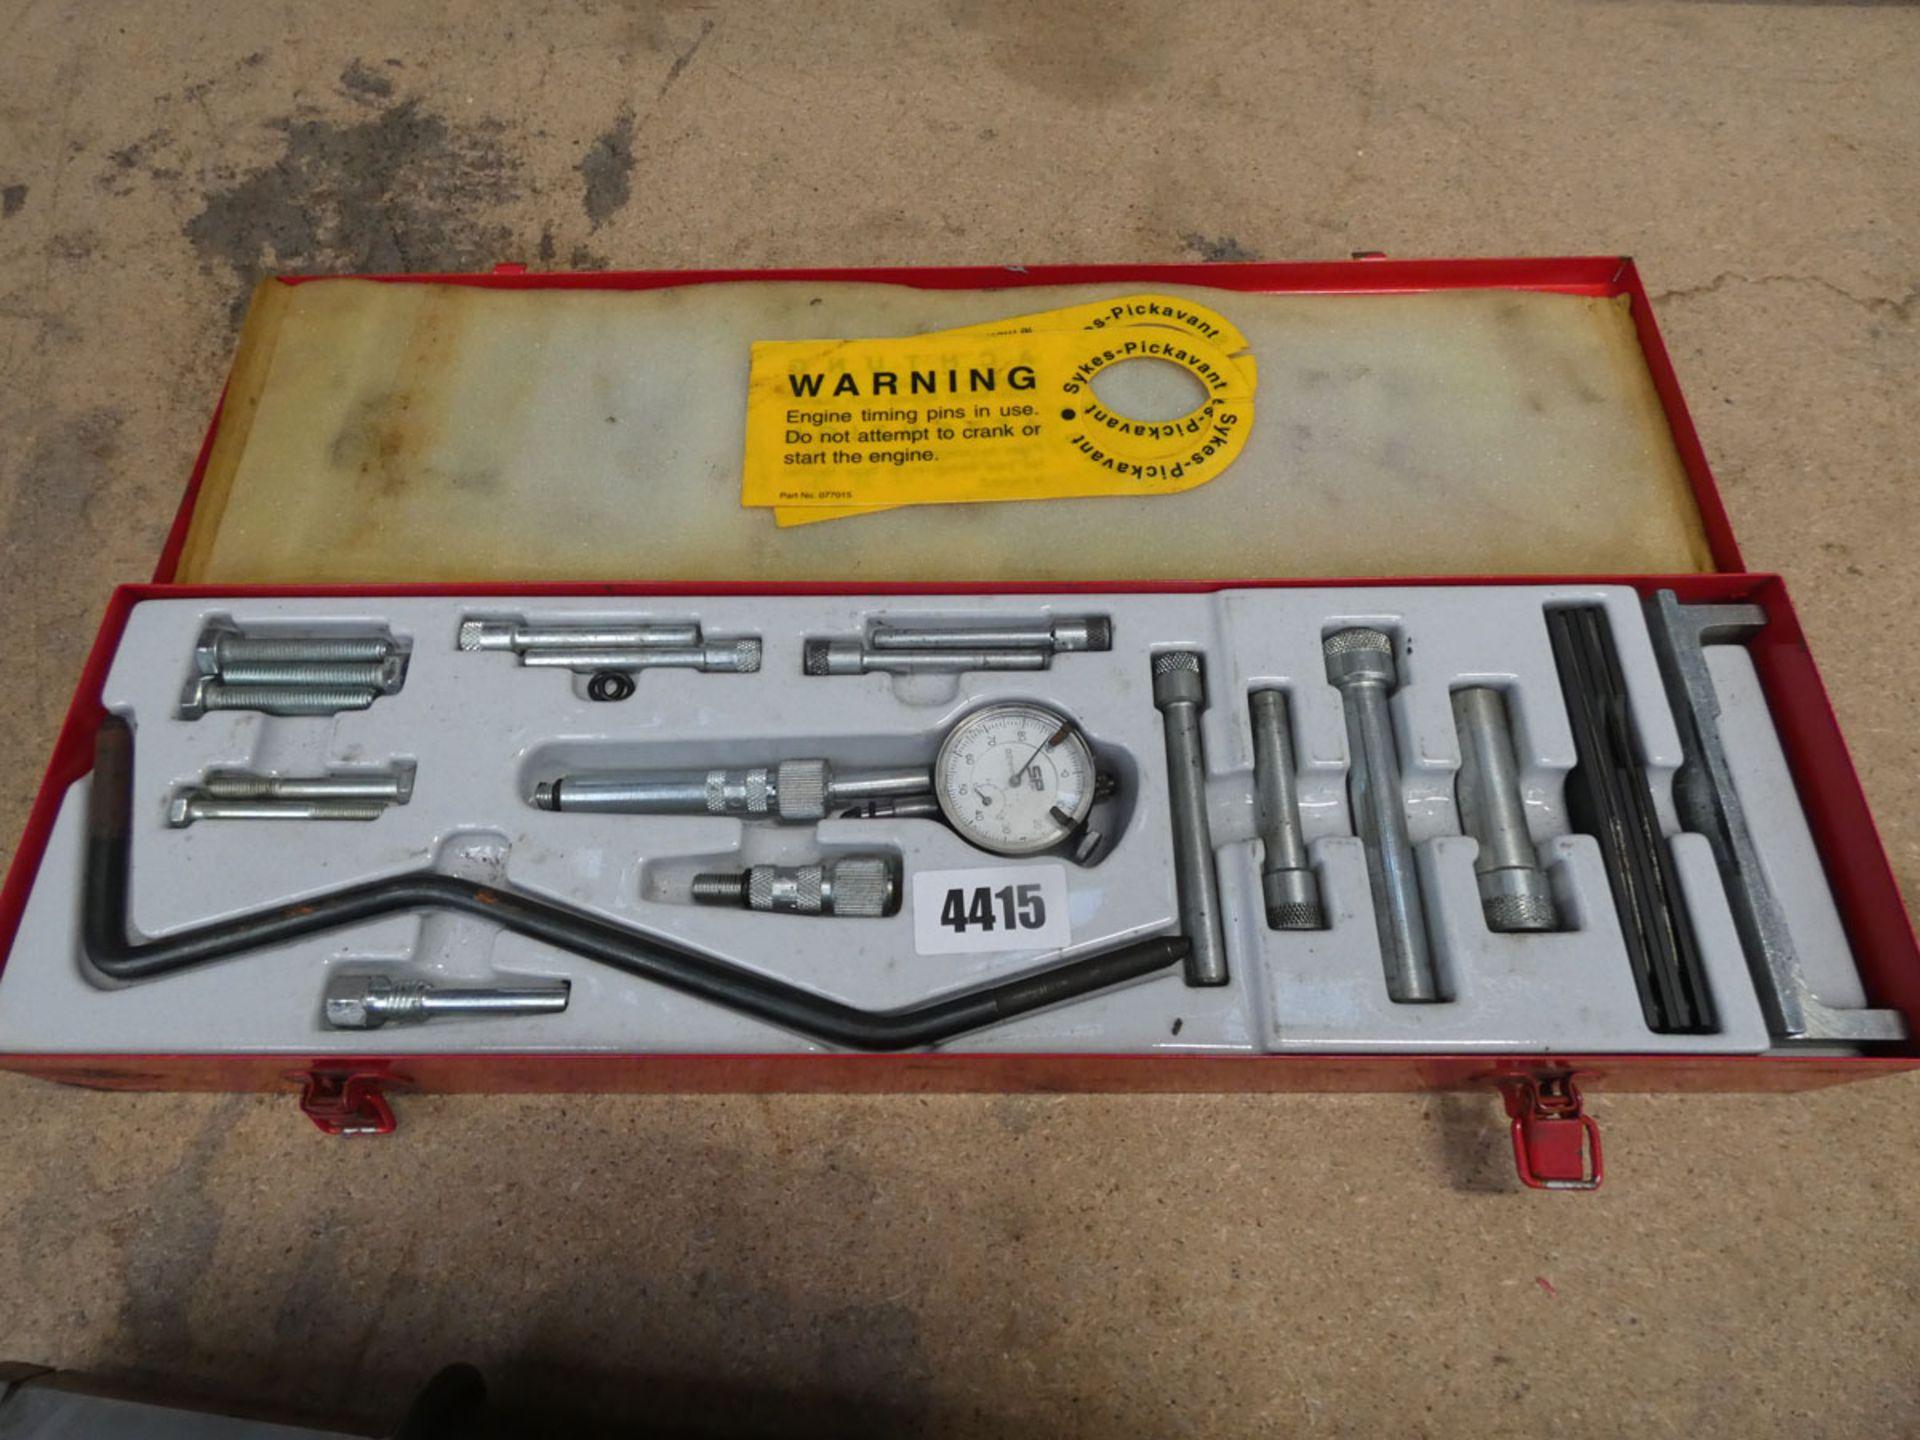 Sykes-Pickavant diesel engine setting tool